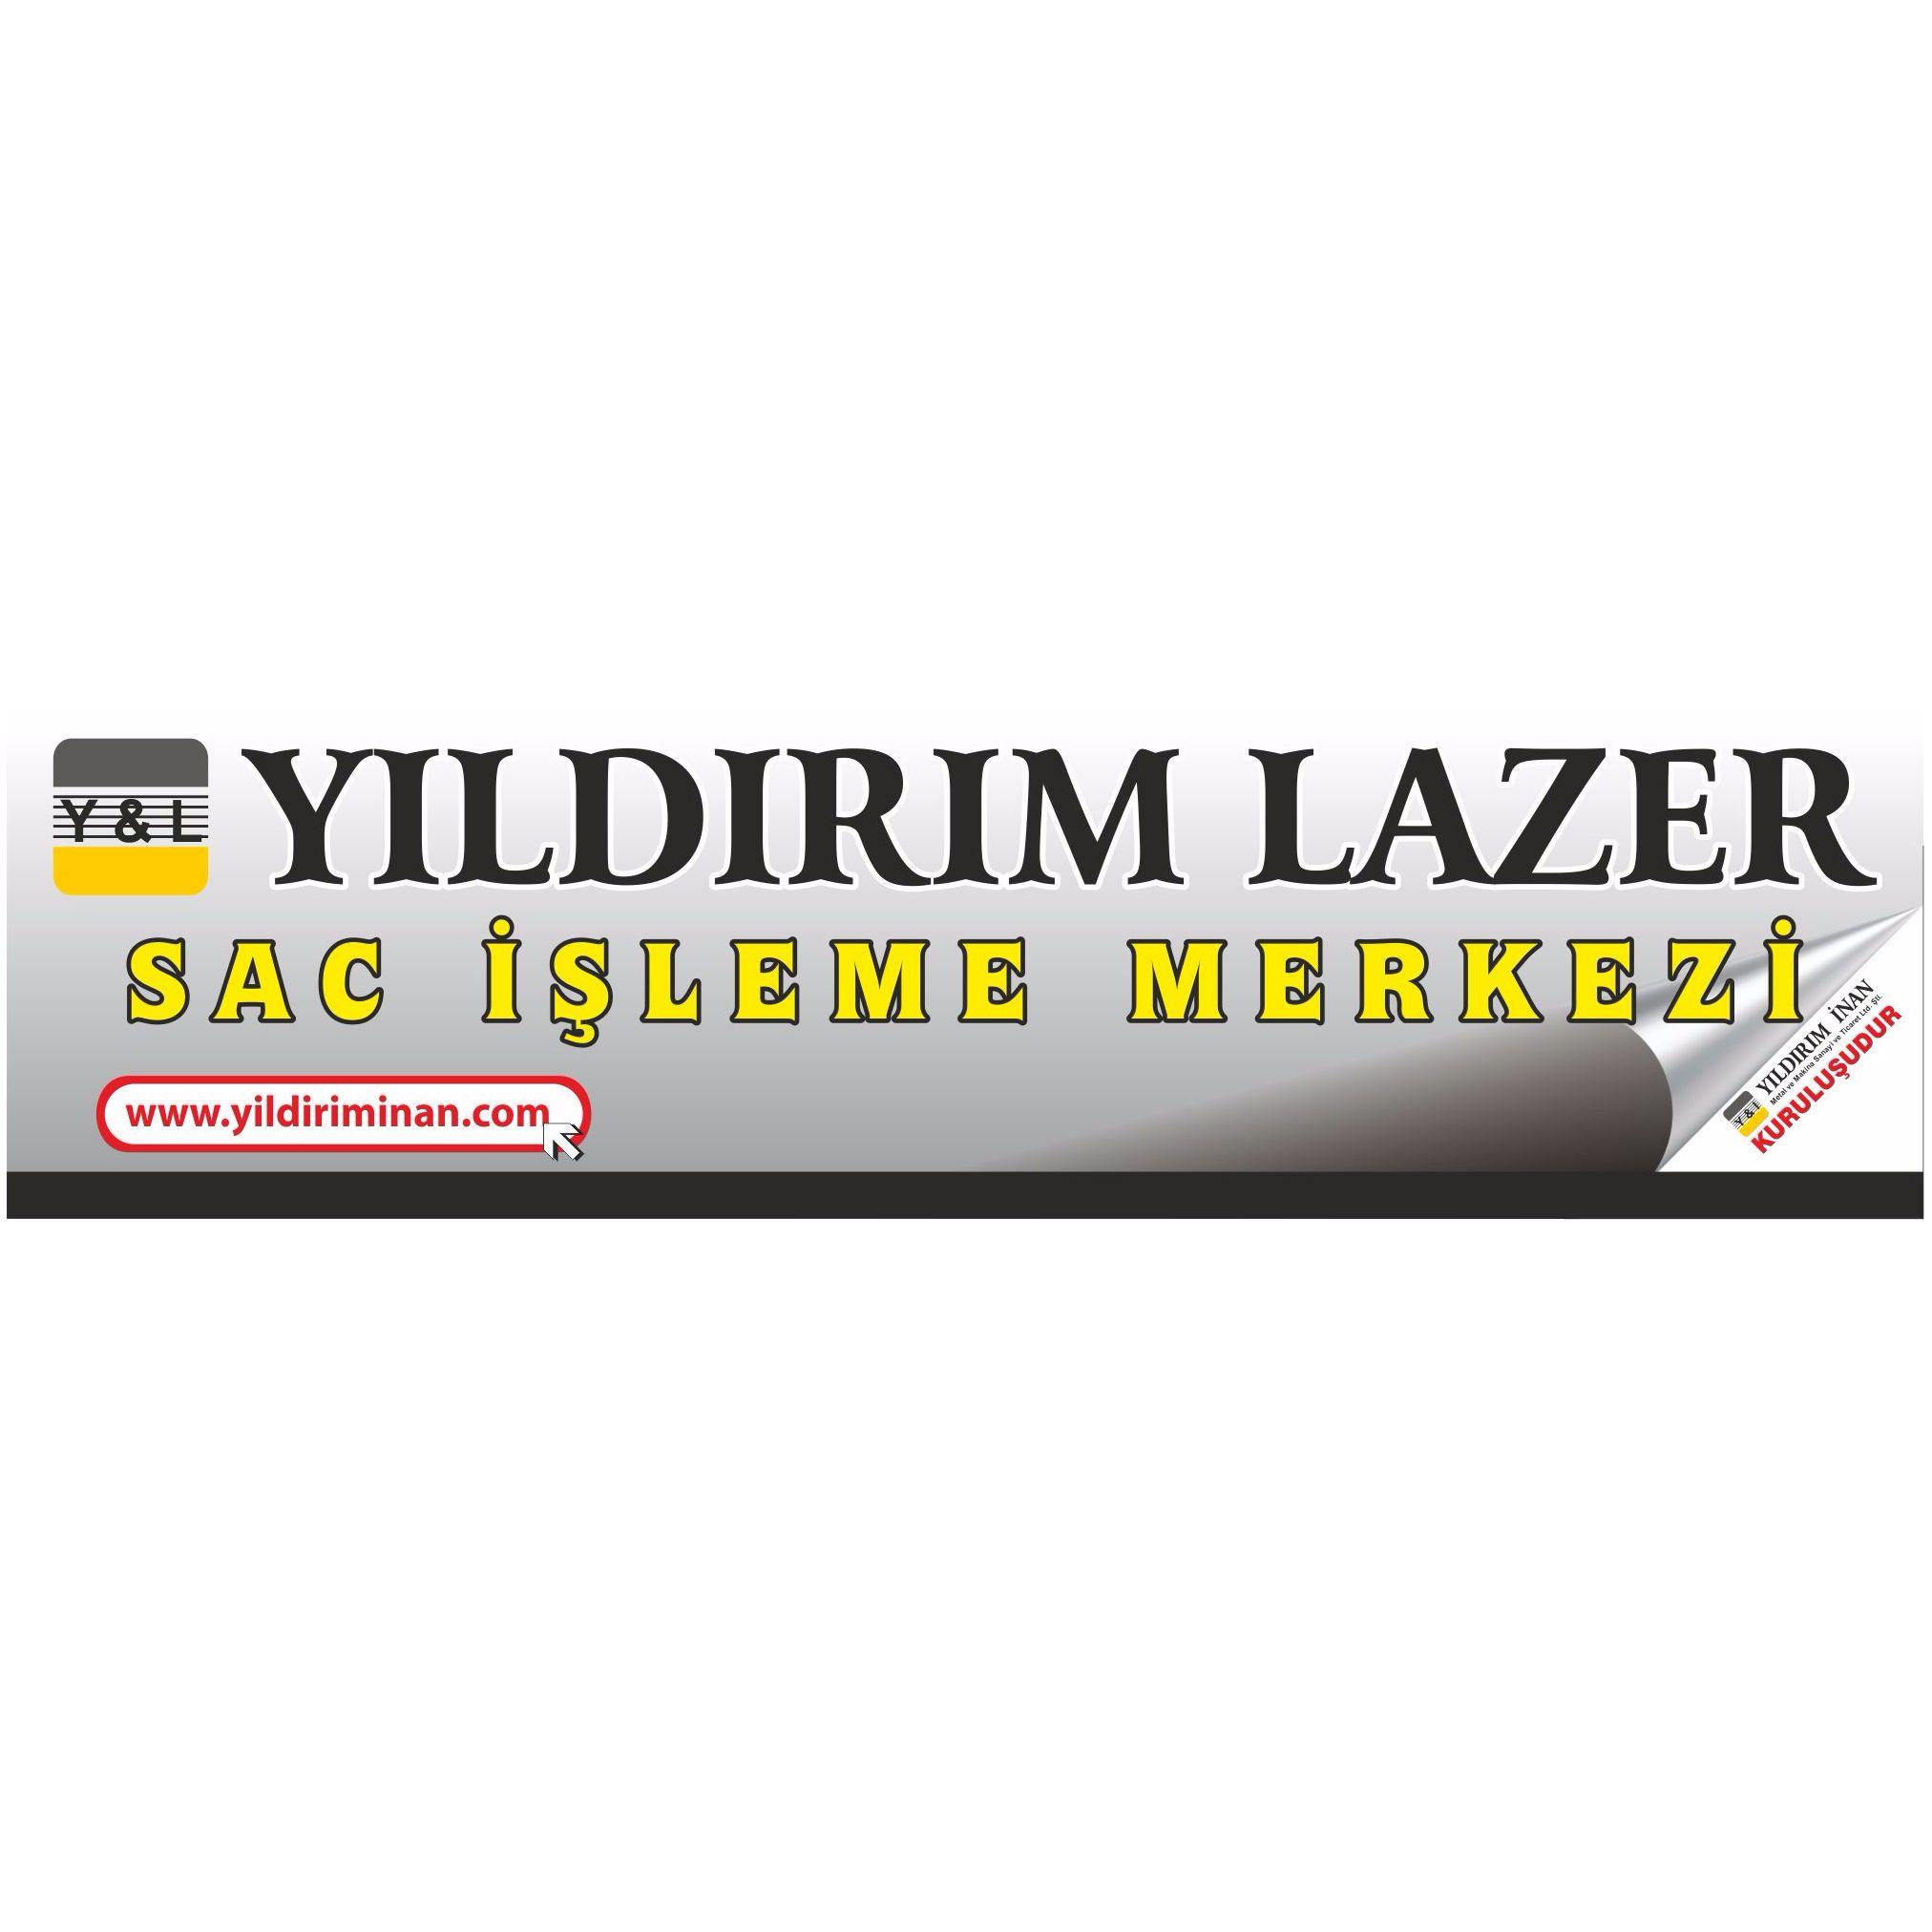 Mustafa Yıldırım Lazer Metal ve Makina San. Tic. Ltd. Şti.